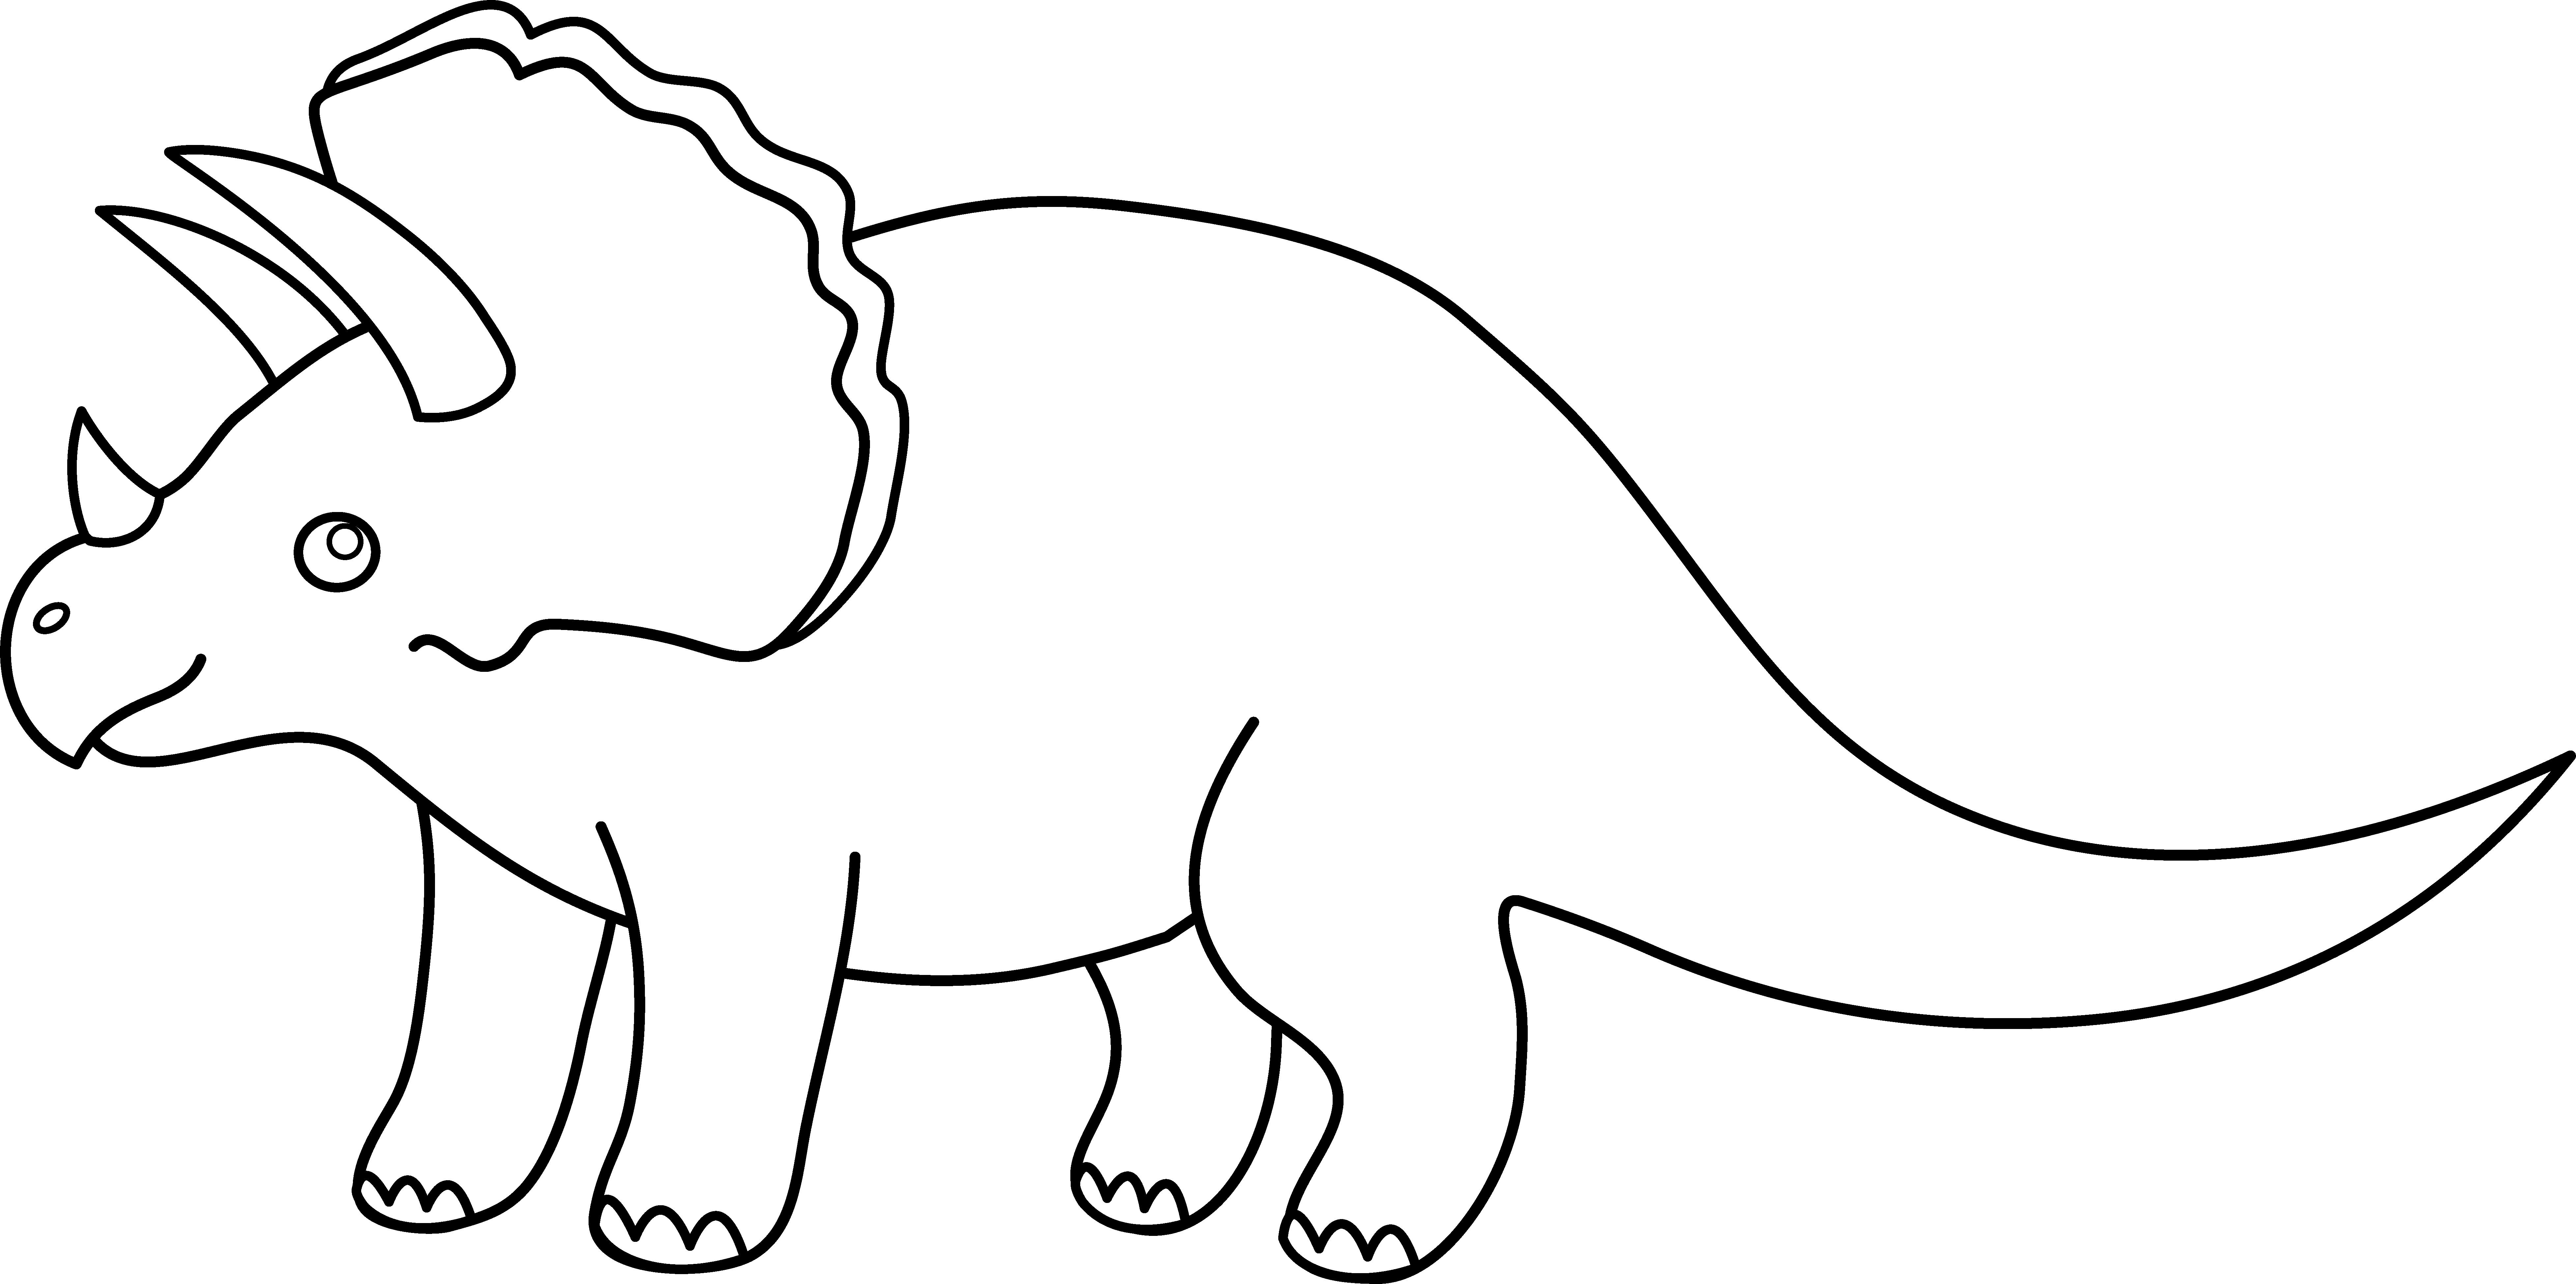 Cute Dinosaur Clipart Black And White.